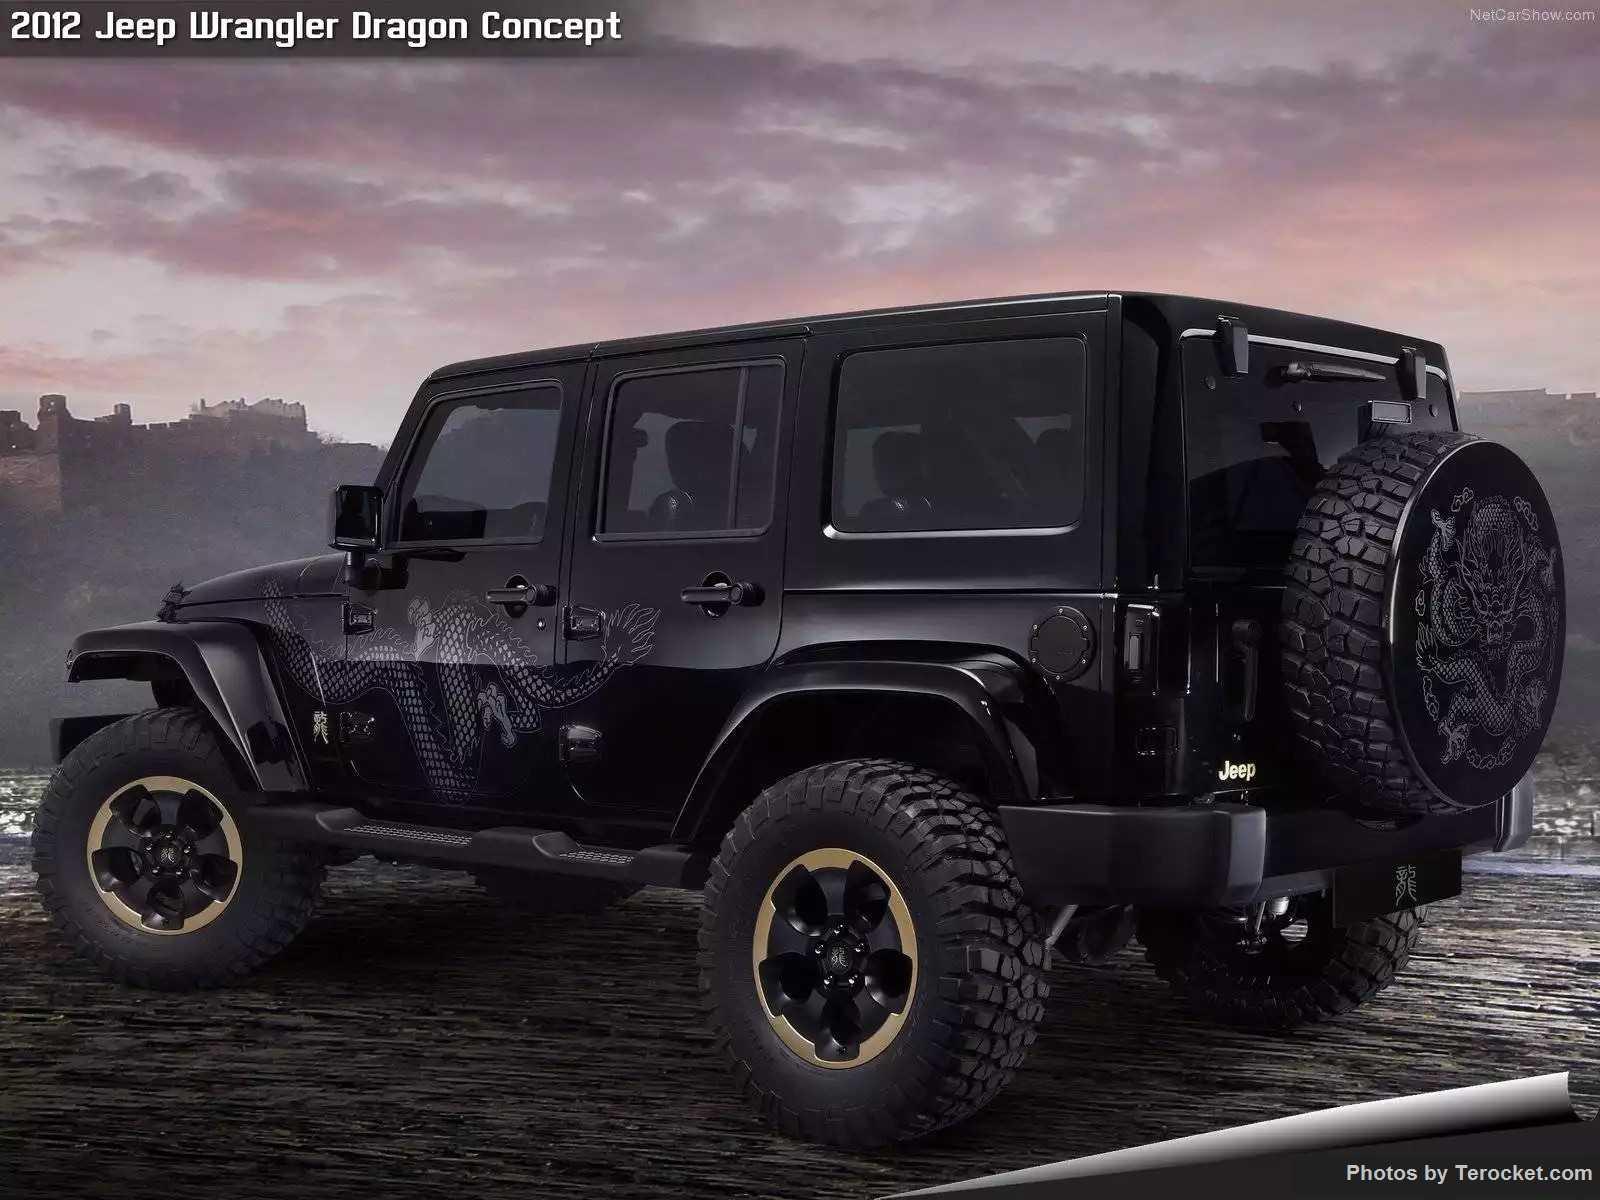 Hình ảnh xe ô tô Jeep Wrangler Dragon Concept 2012 & nội ngoại thất